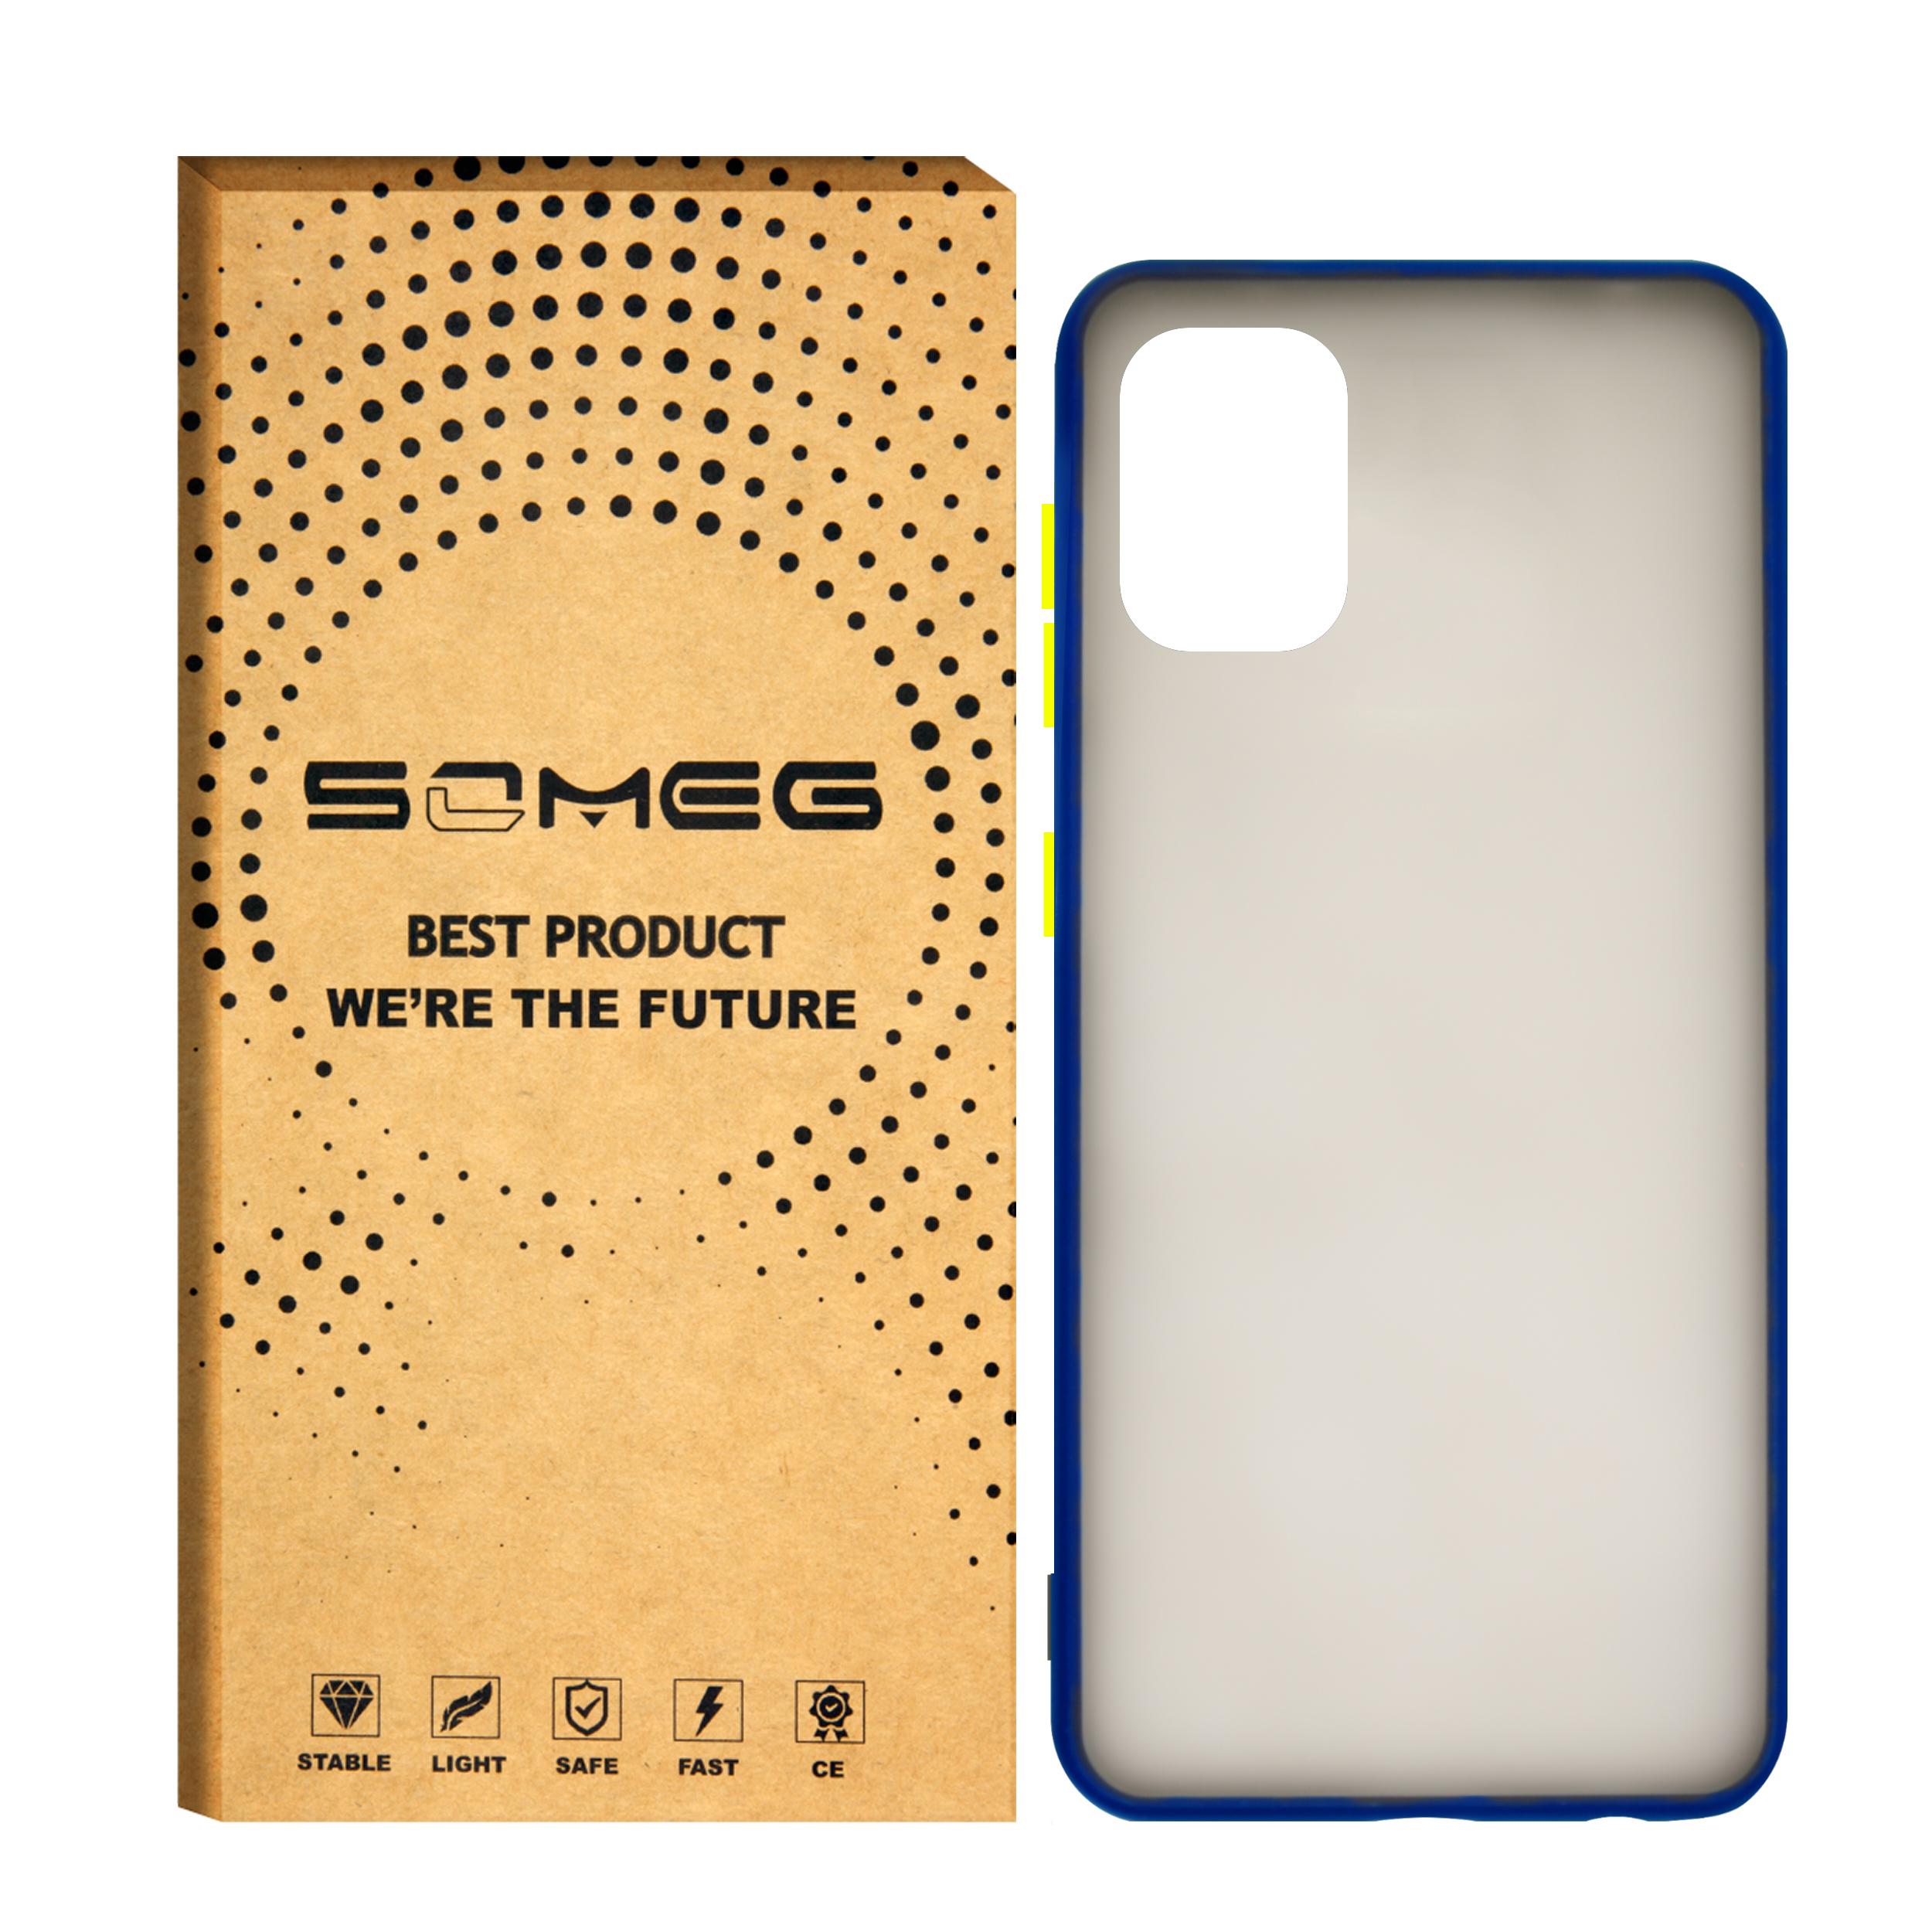 کاور سومگ مدل SMG-Mt51 مناسب برای گوشی موبایل سامسونگ Galaxy A51              ( قیمت و خرید)